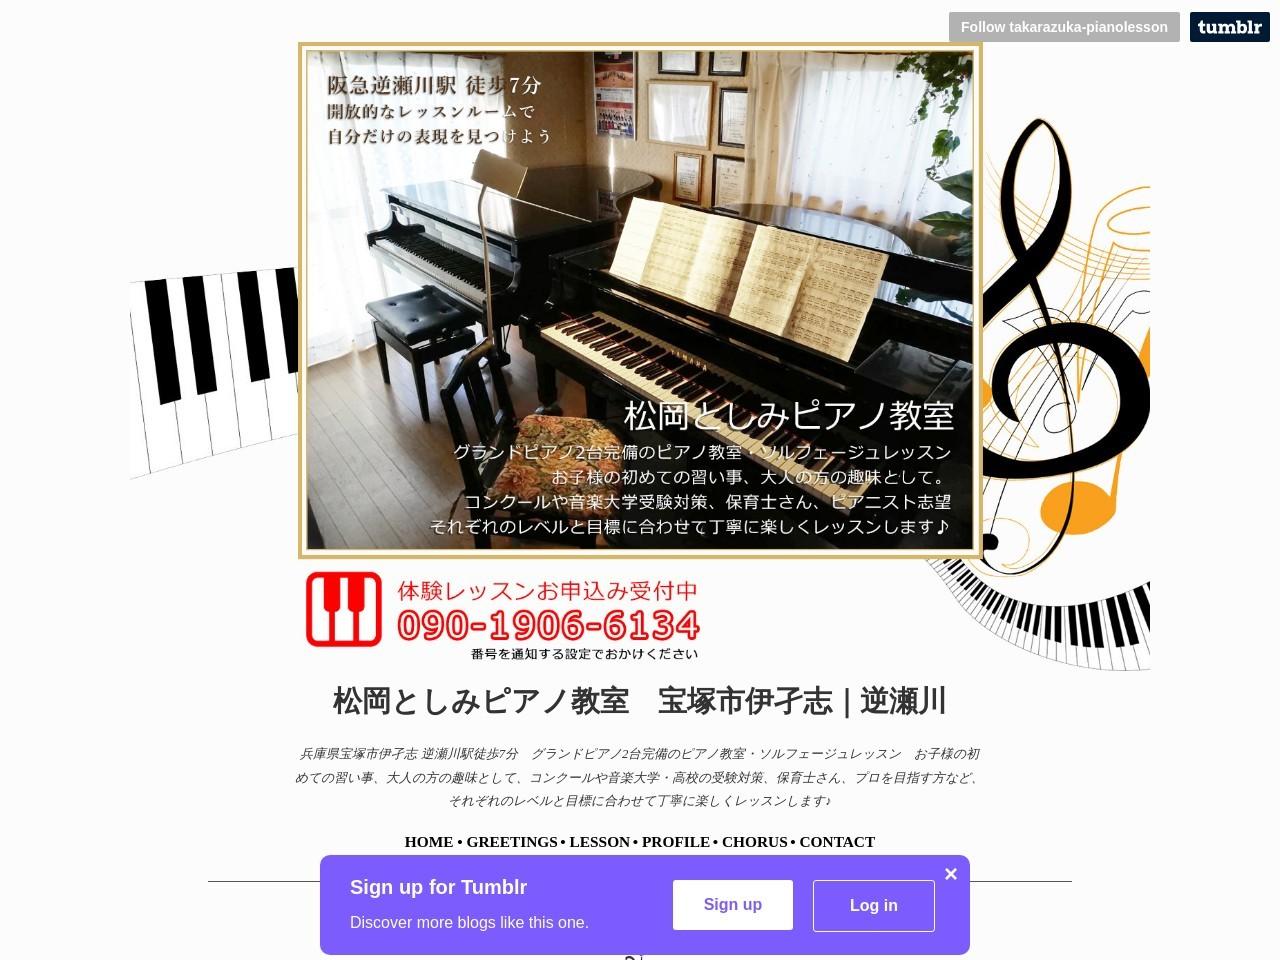 松岡としみピアノ教室のサムネイル